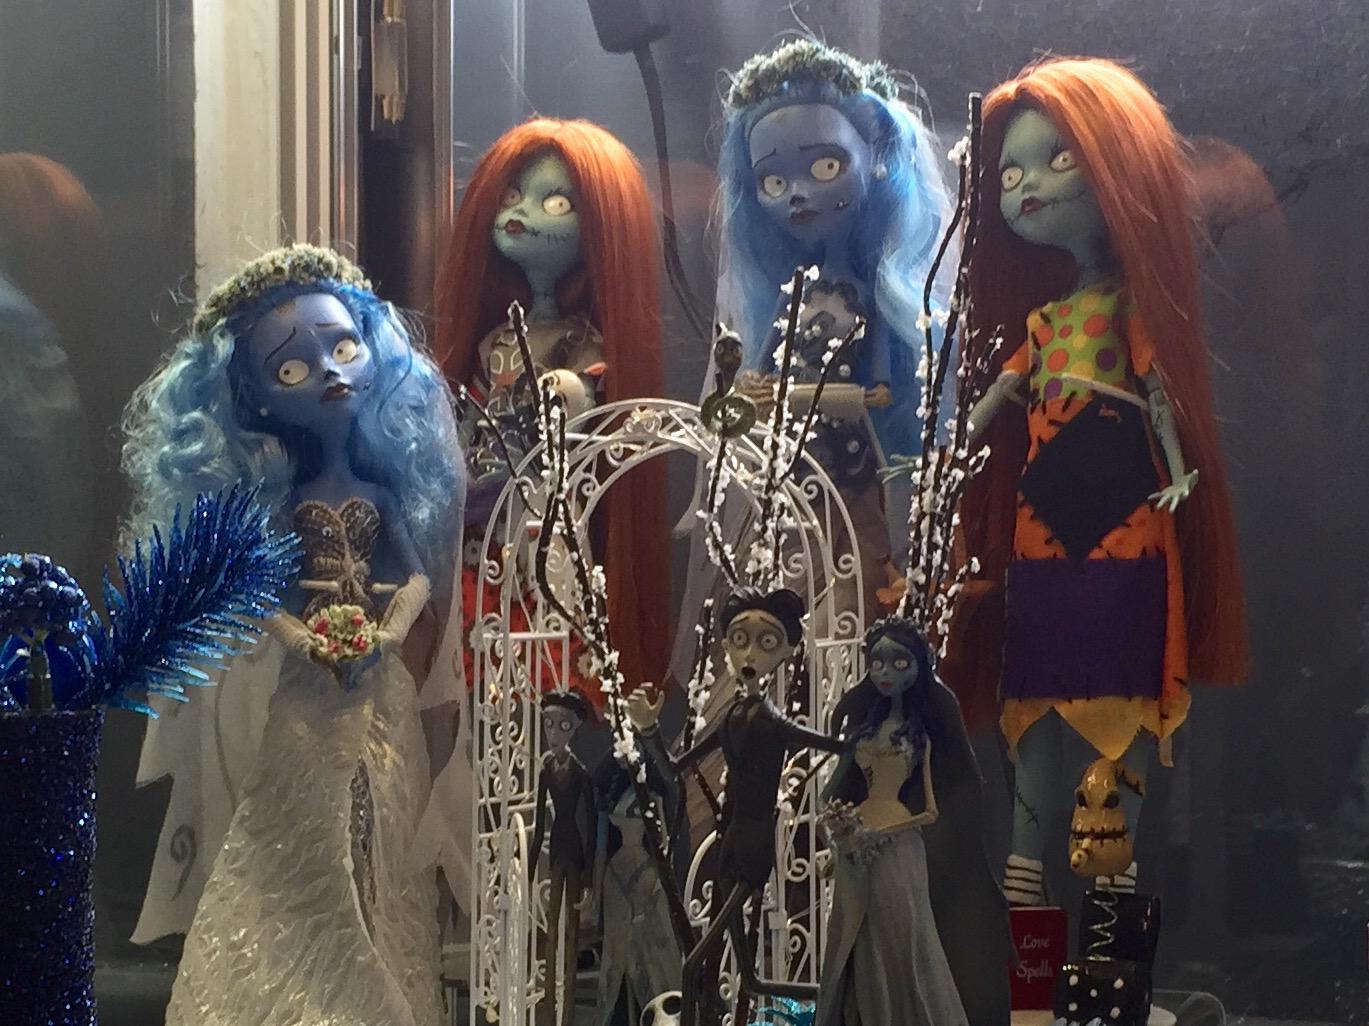 Inspiration for the Monster High dolls?